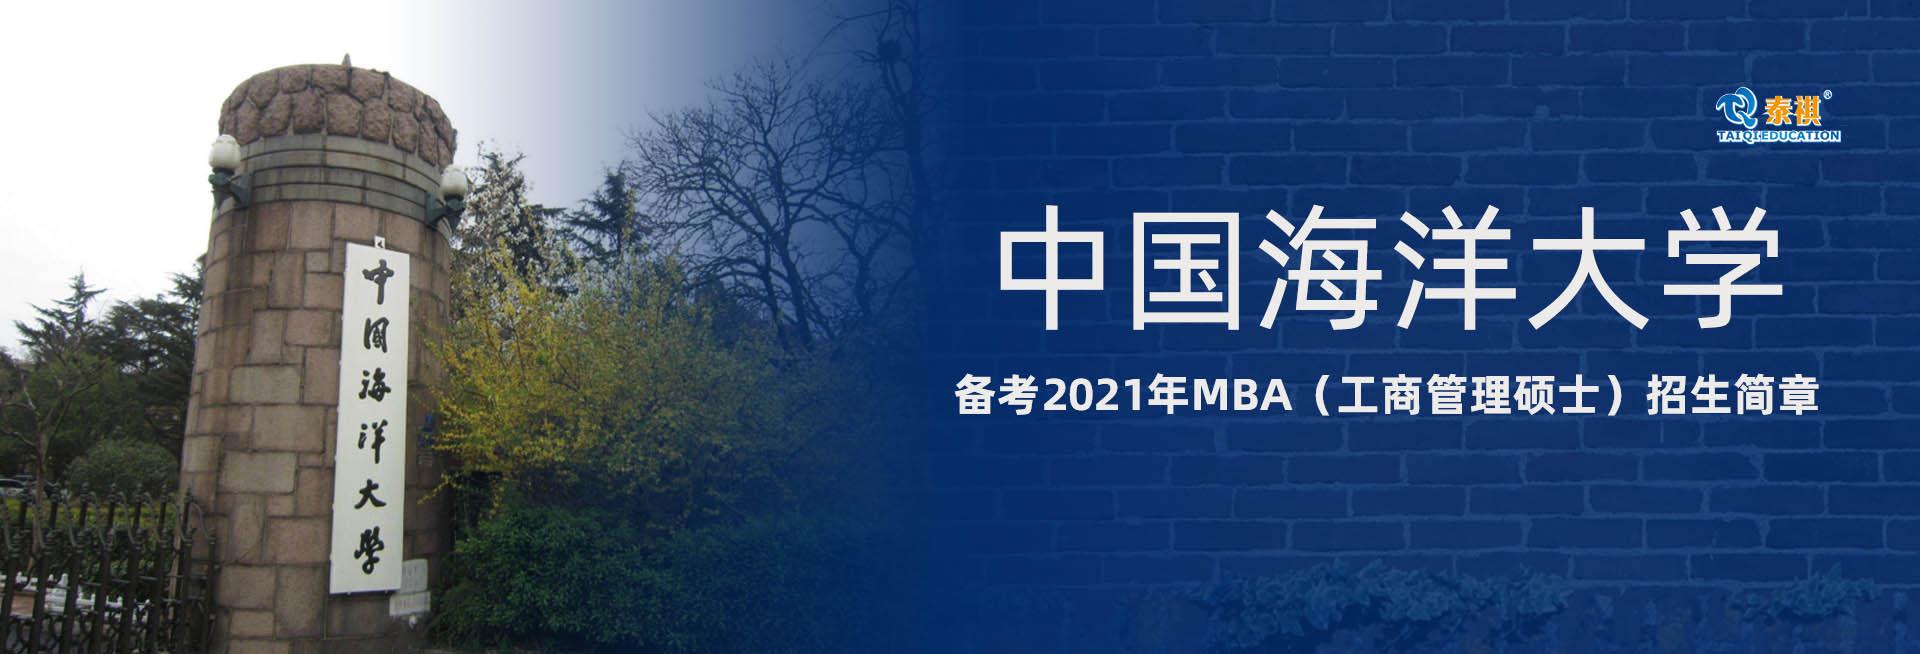 中国海洋大学2018年MBA招生简章_泰祺教育